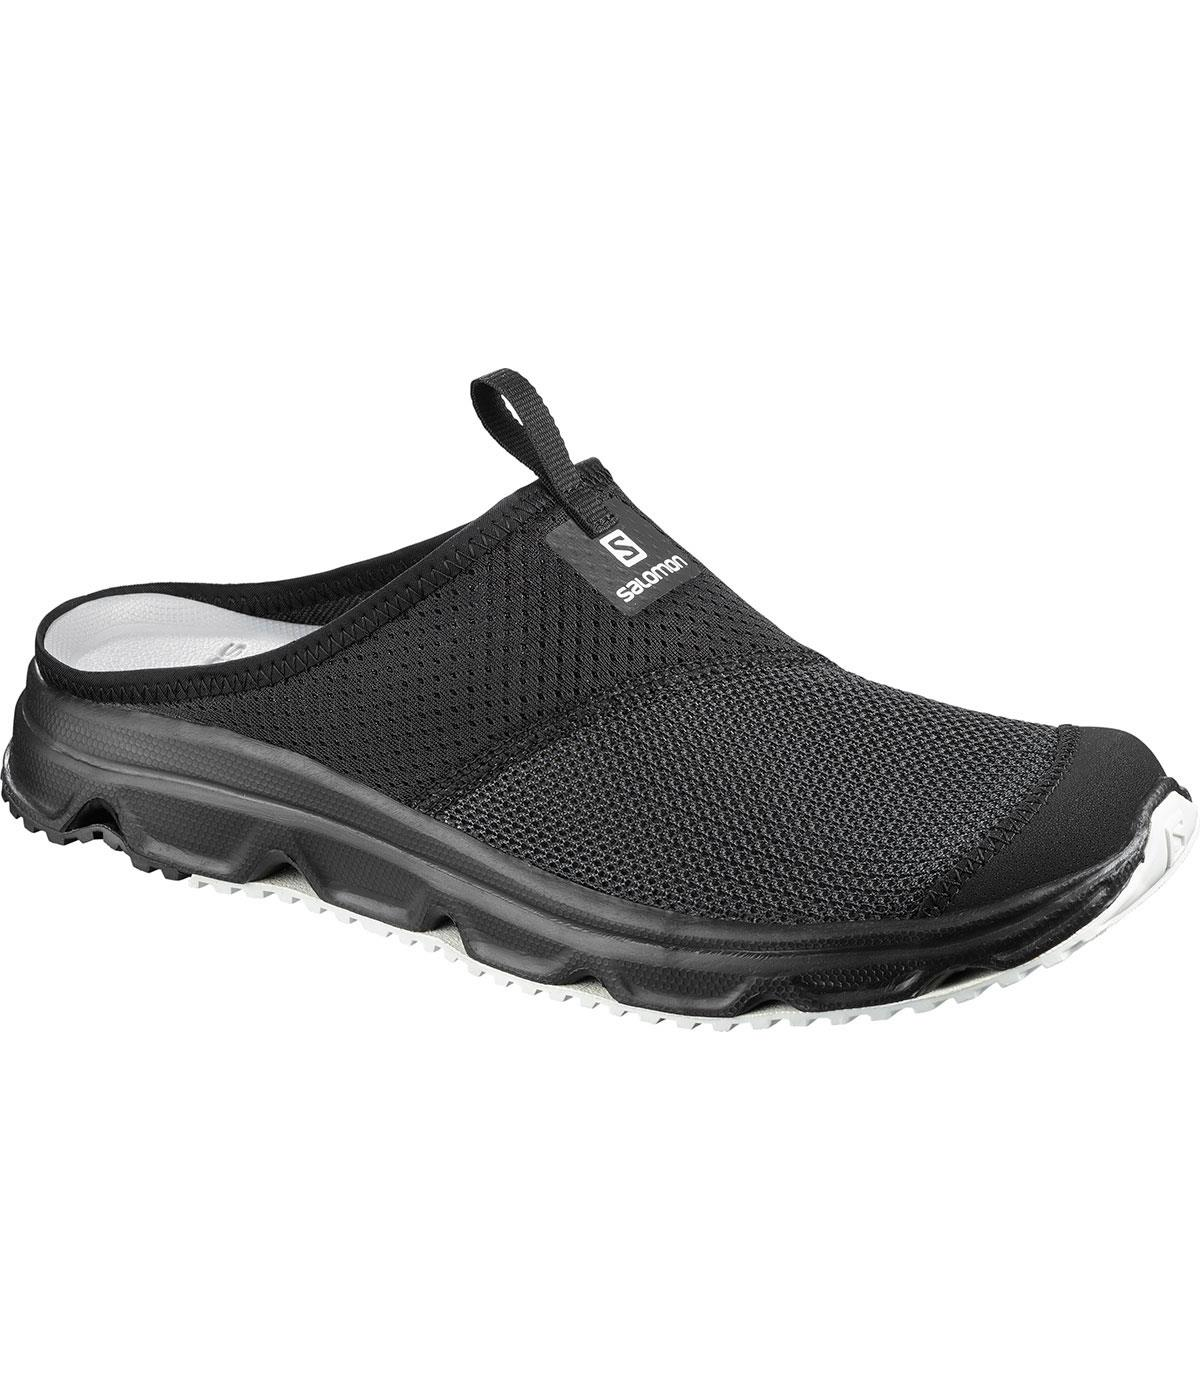 Salomon RX SLIDE 4.0 Erkek Ayakkabısı L40673200